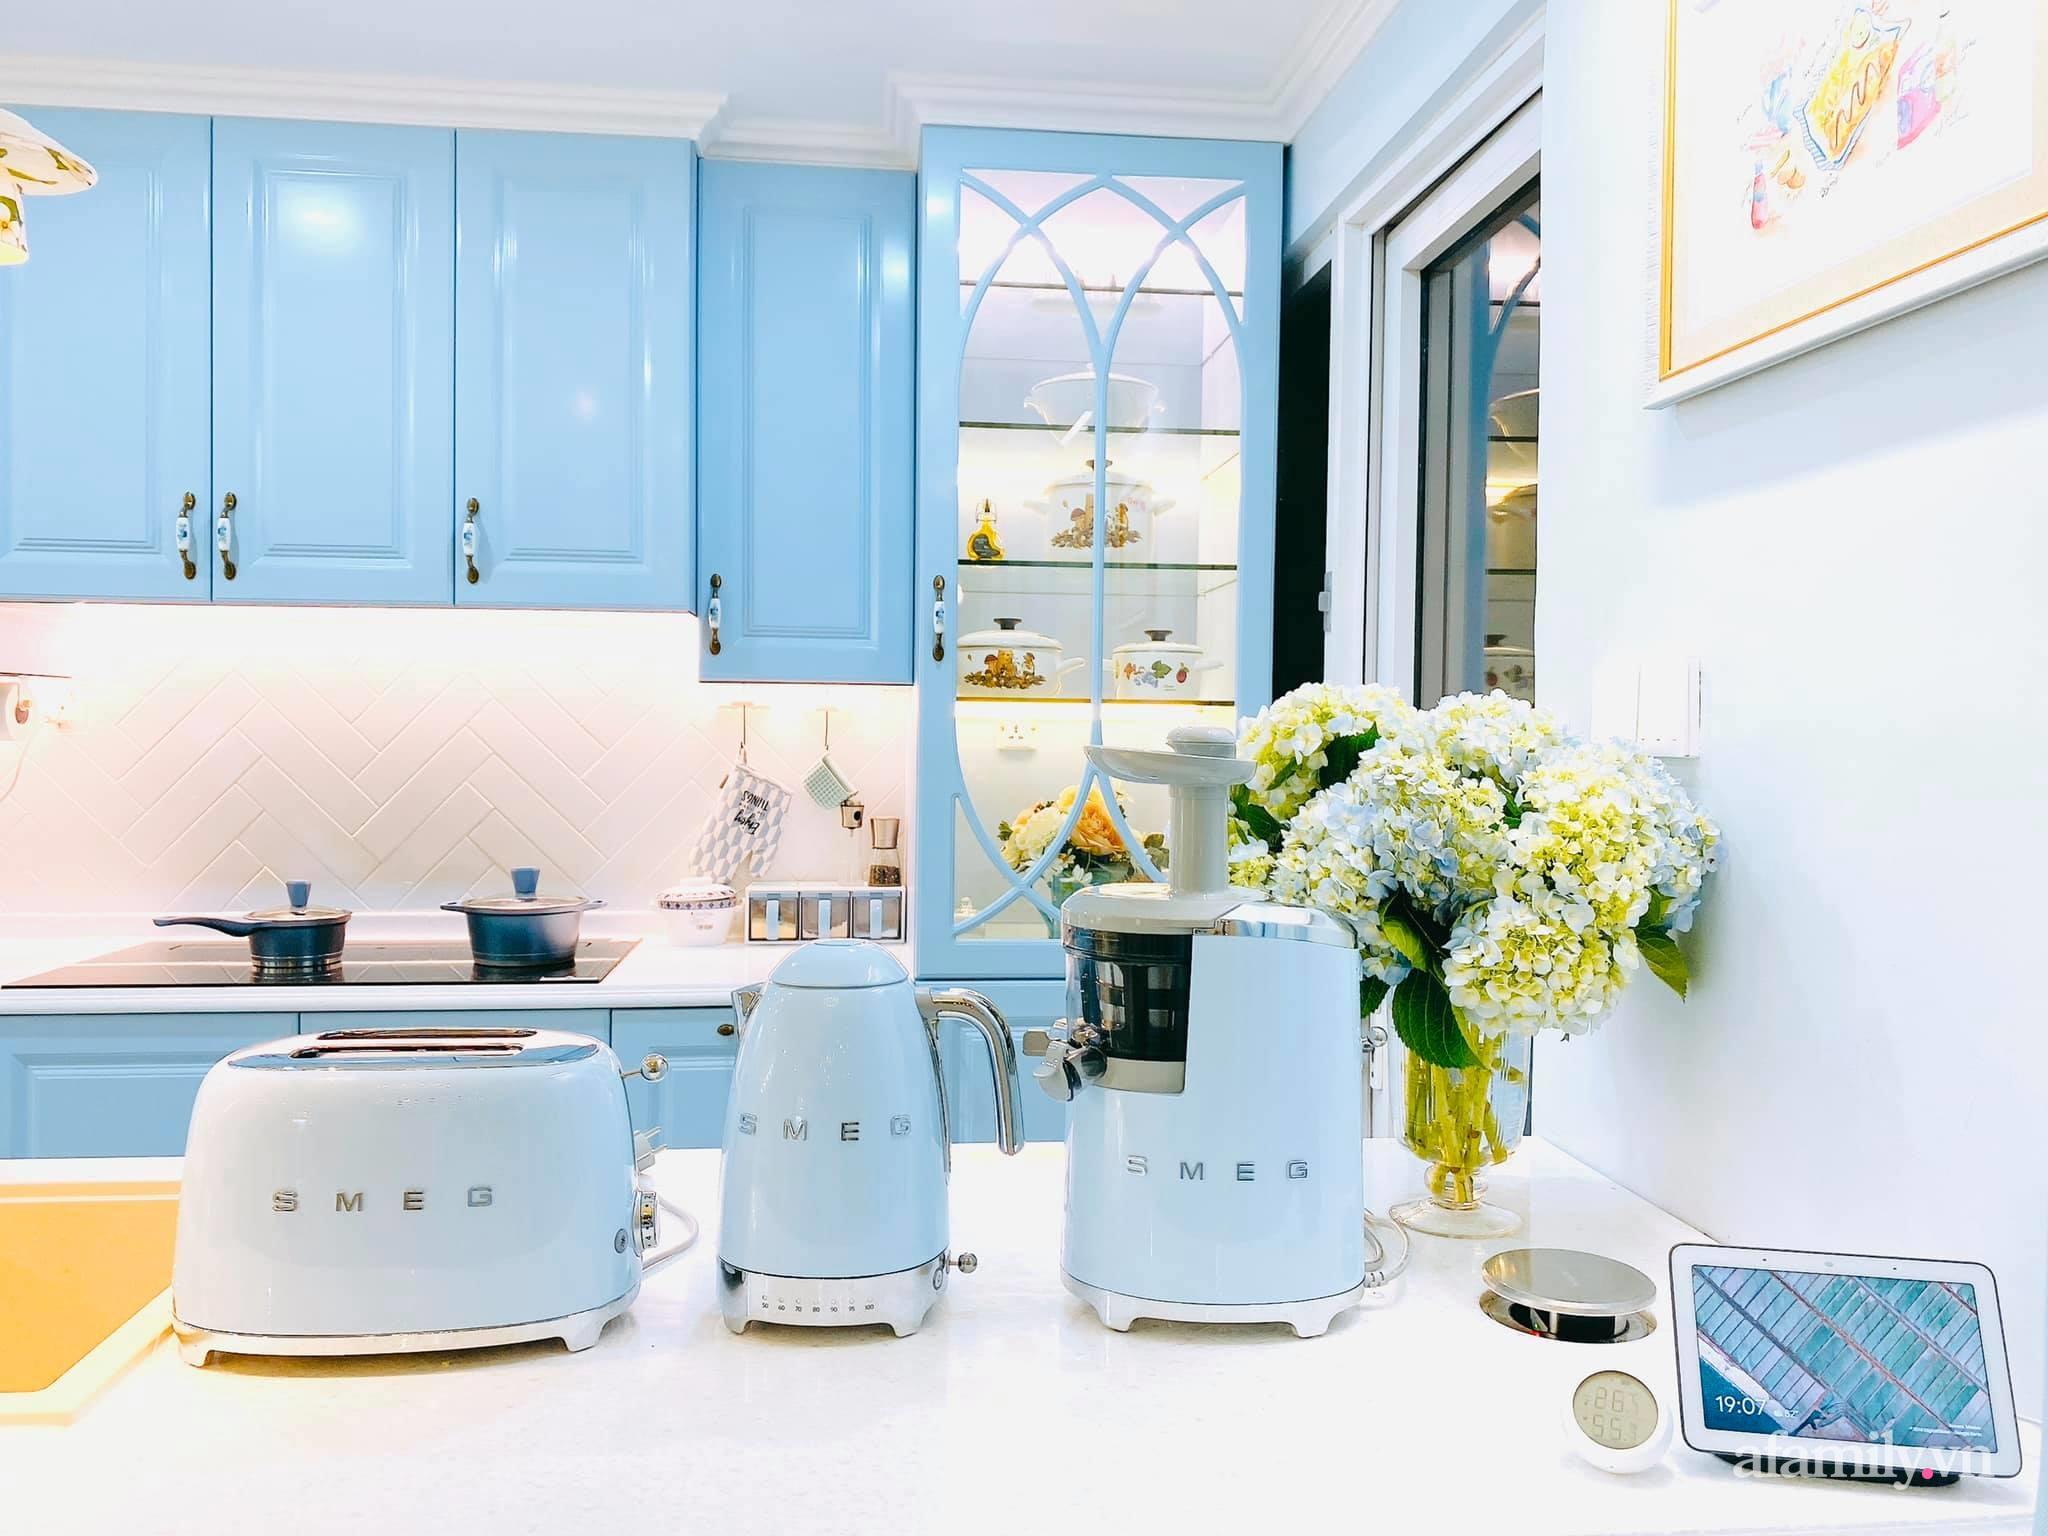 Căn bếp màu xanh yên bình, sang trọng với đủ thiết bị hiện đại của mẹ trẻ xinh đẹp Sài Thành - Ảnh 8.